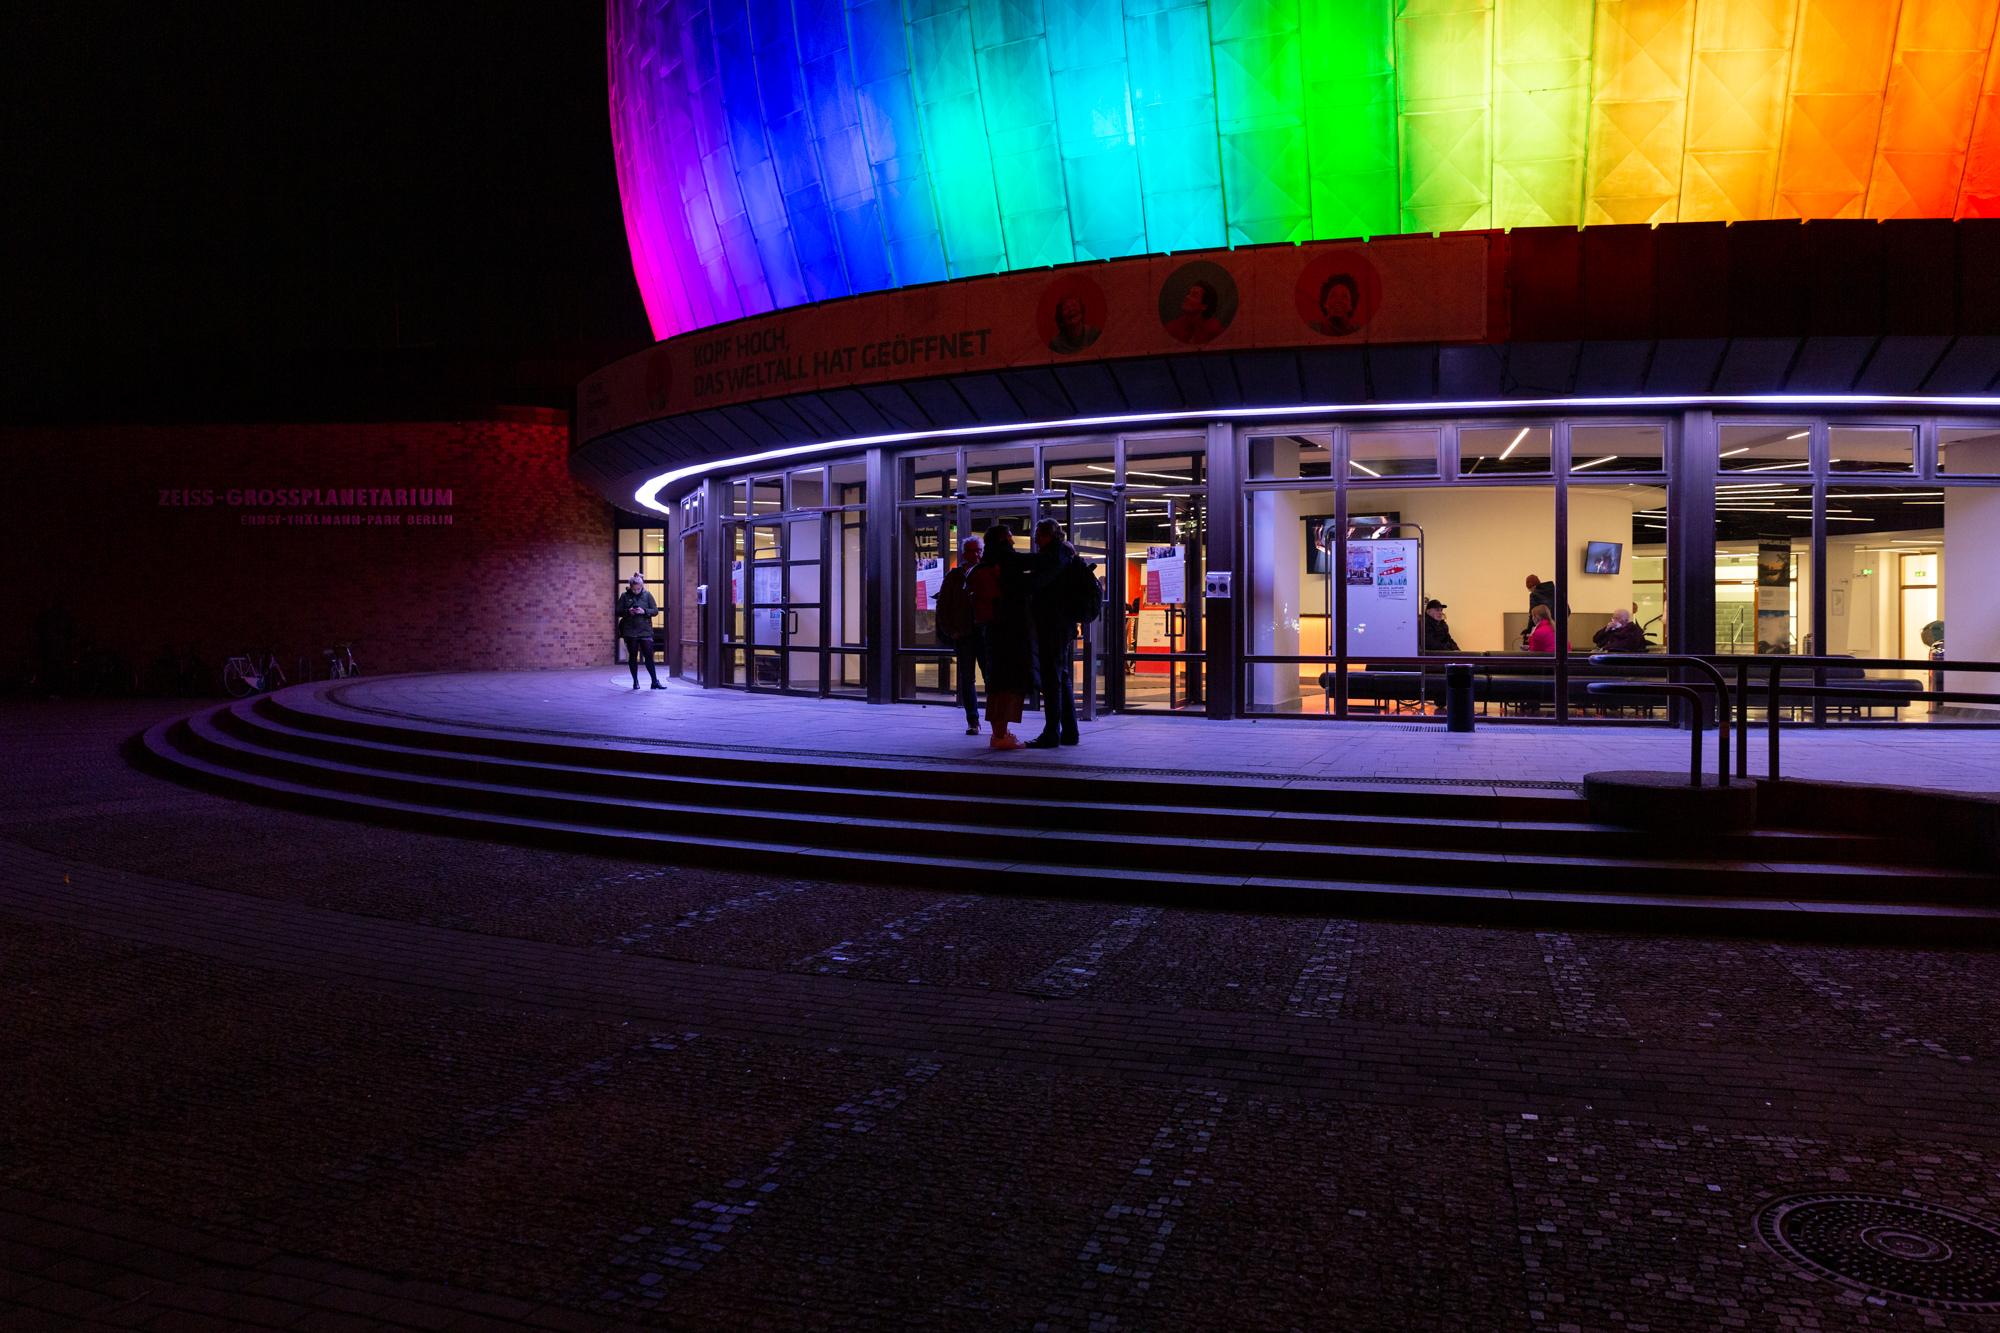 Über den Dächern Zehlendorfs: Rückblick auf den #excitingedu Kongress 2019